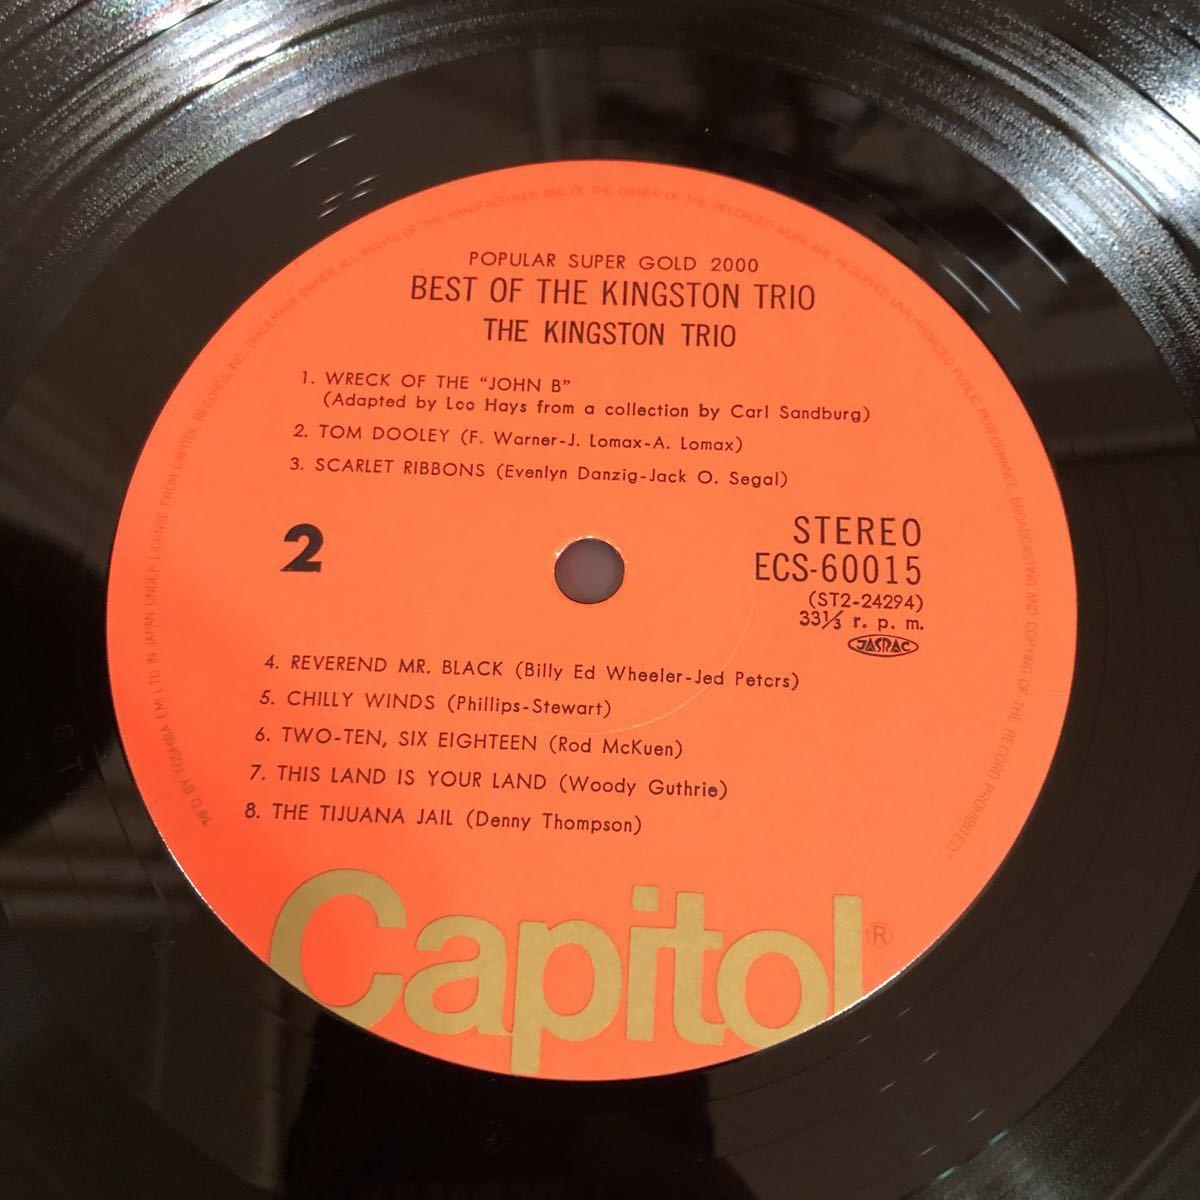 レア盤★LPレコード★THE KINGSTON TRIO ★フォークの王者キングストン・トリオのすべて★レコード多数出品中_画像6